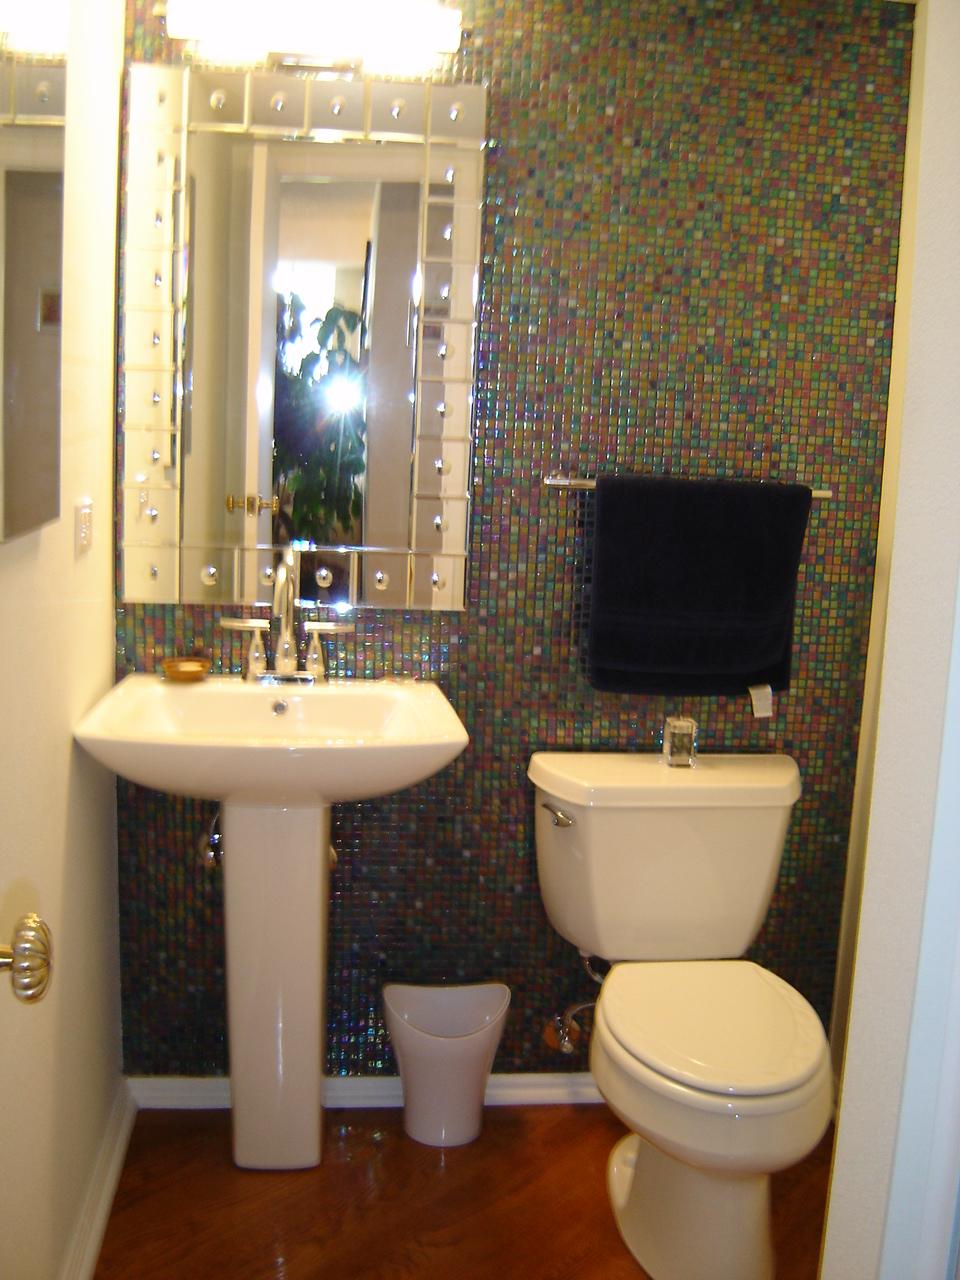 Litwin Powder Room Remodel Denver CO  Schuster Design Studio Inc  Overland Park KS